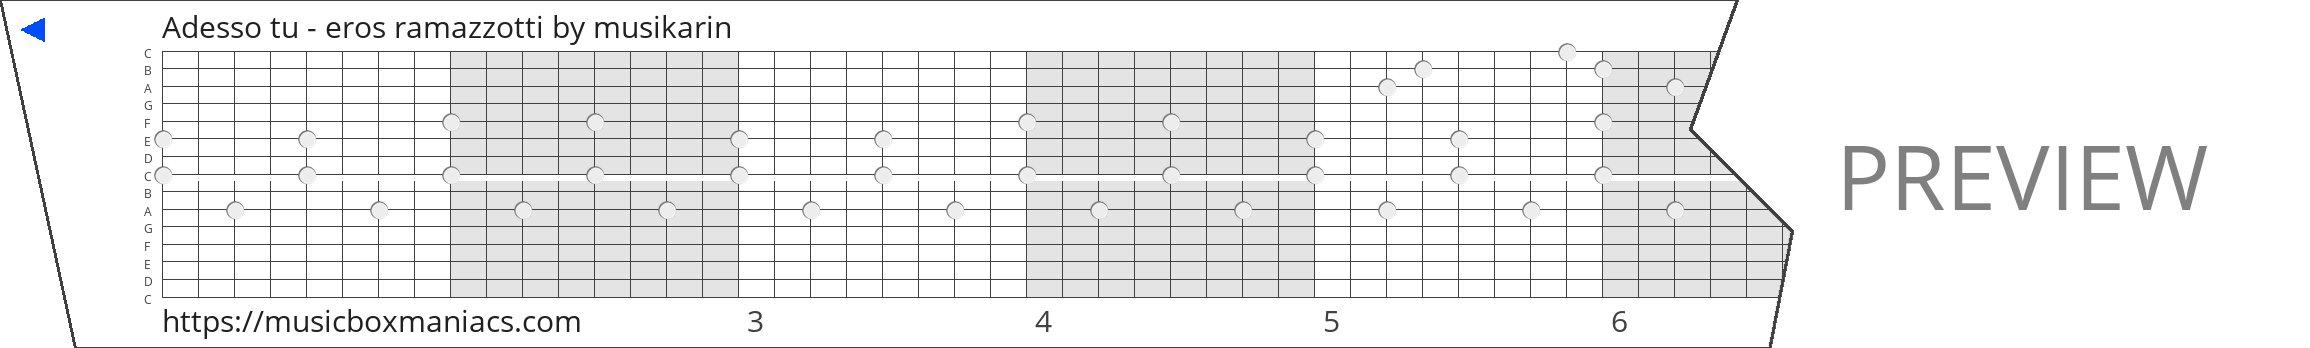 Adesso tu - eros ramazzotti 15 note music box paper strip